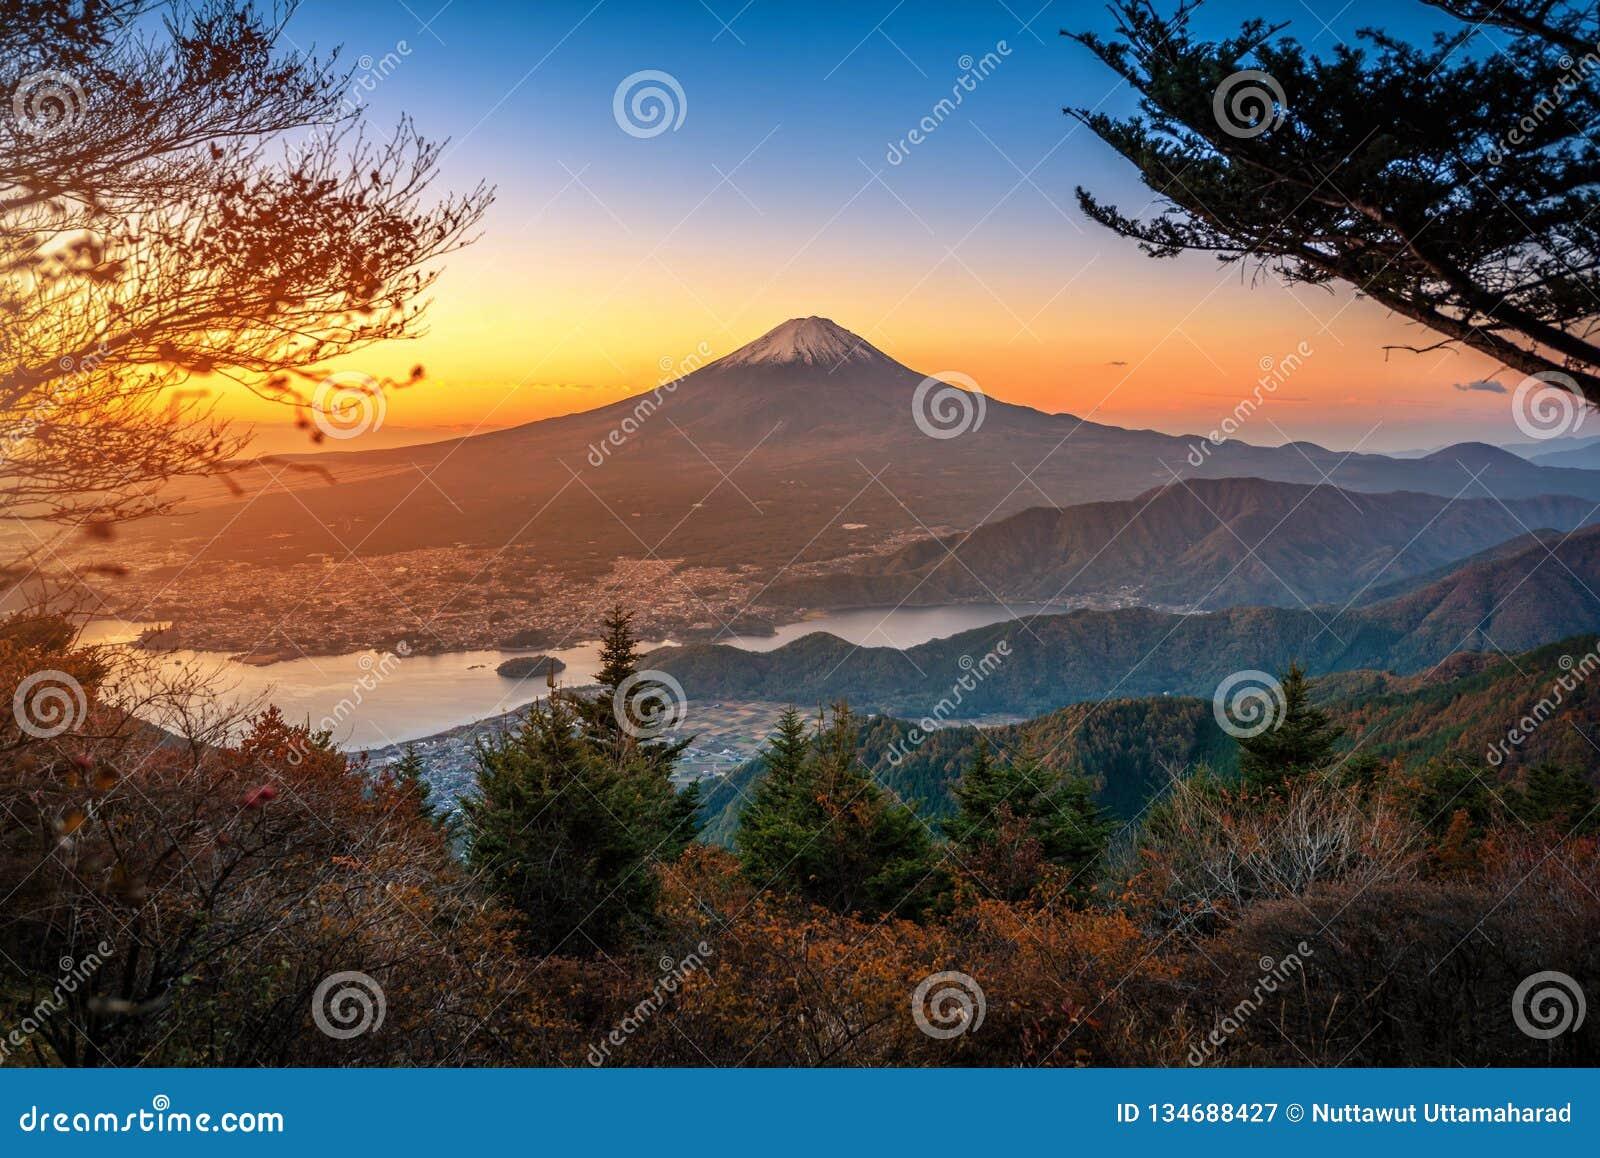 Mt. Fuji over Lake Kawaguchiko with autumn foliage at sunrise in Fujikawaguchiko, Japan